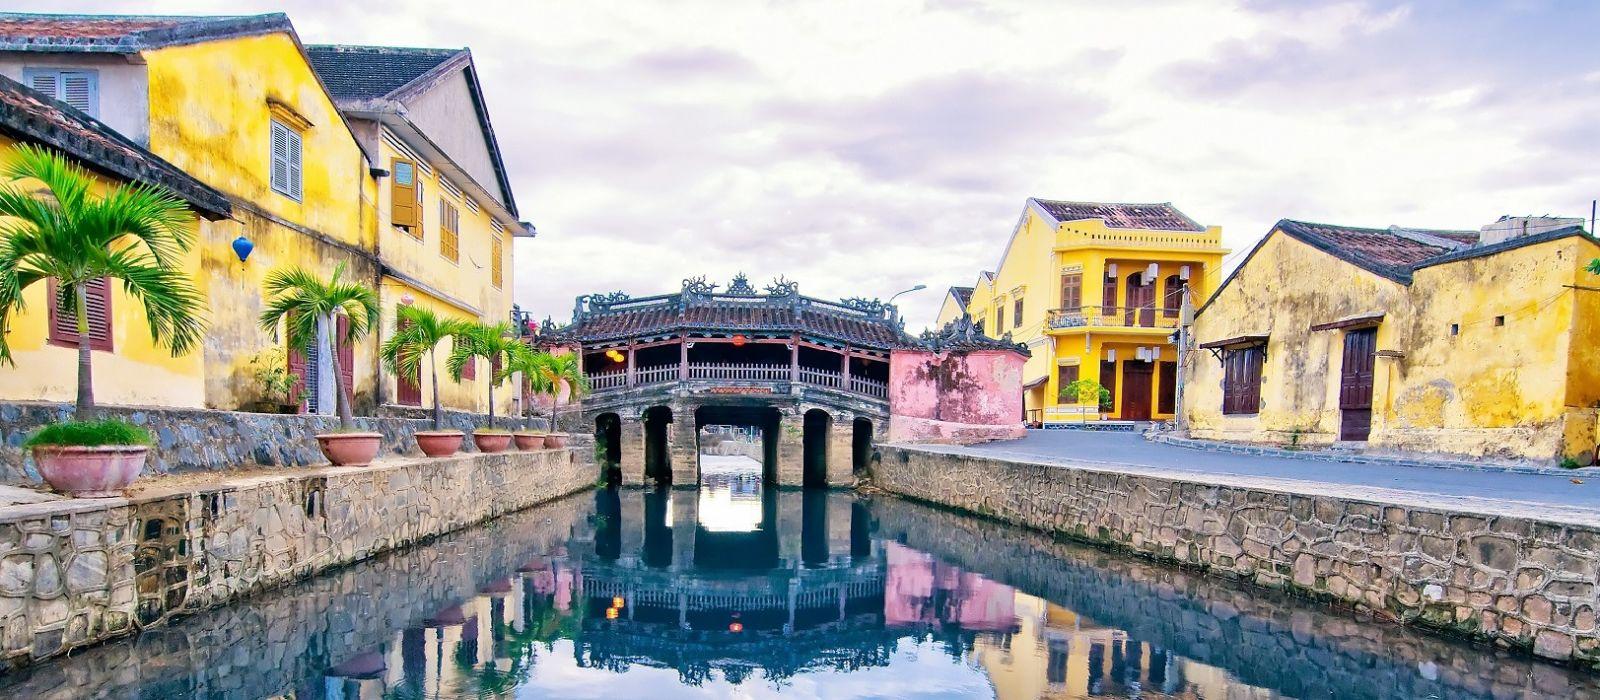 Luxurious Highlights of Vietnam Tour Trip 6